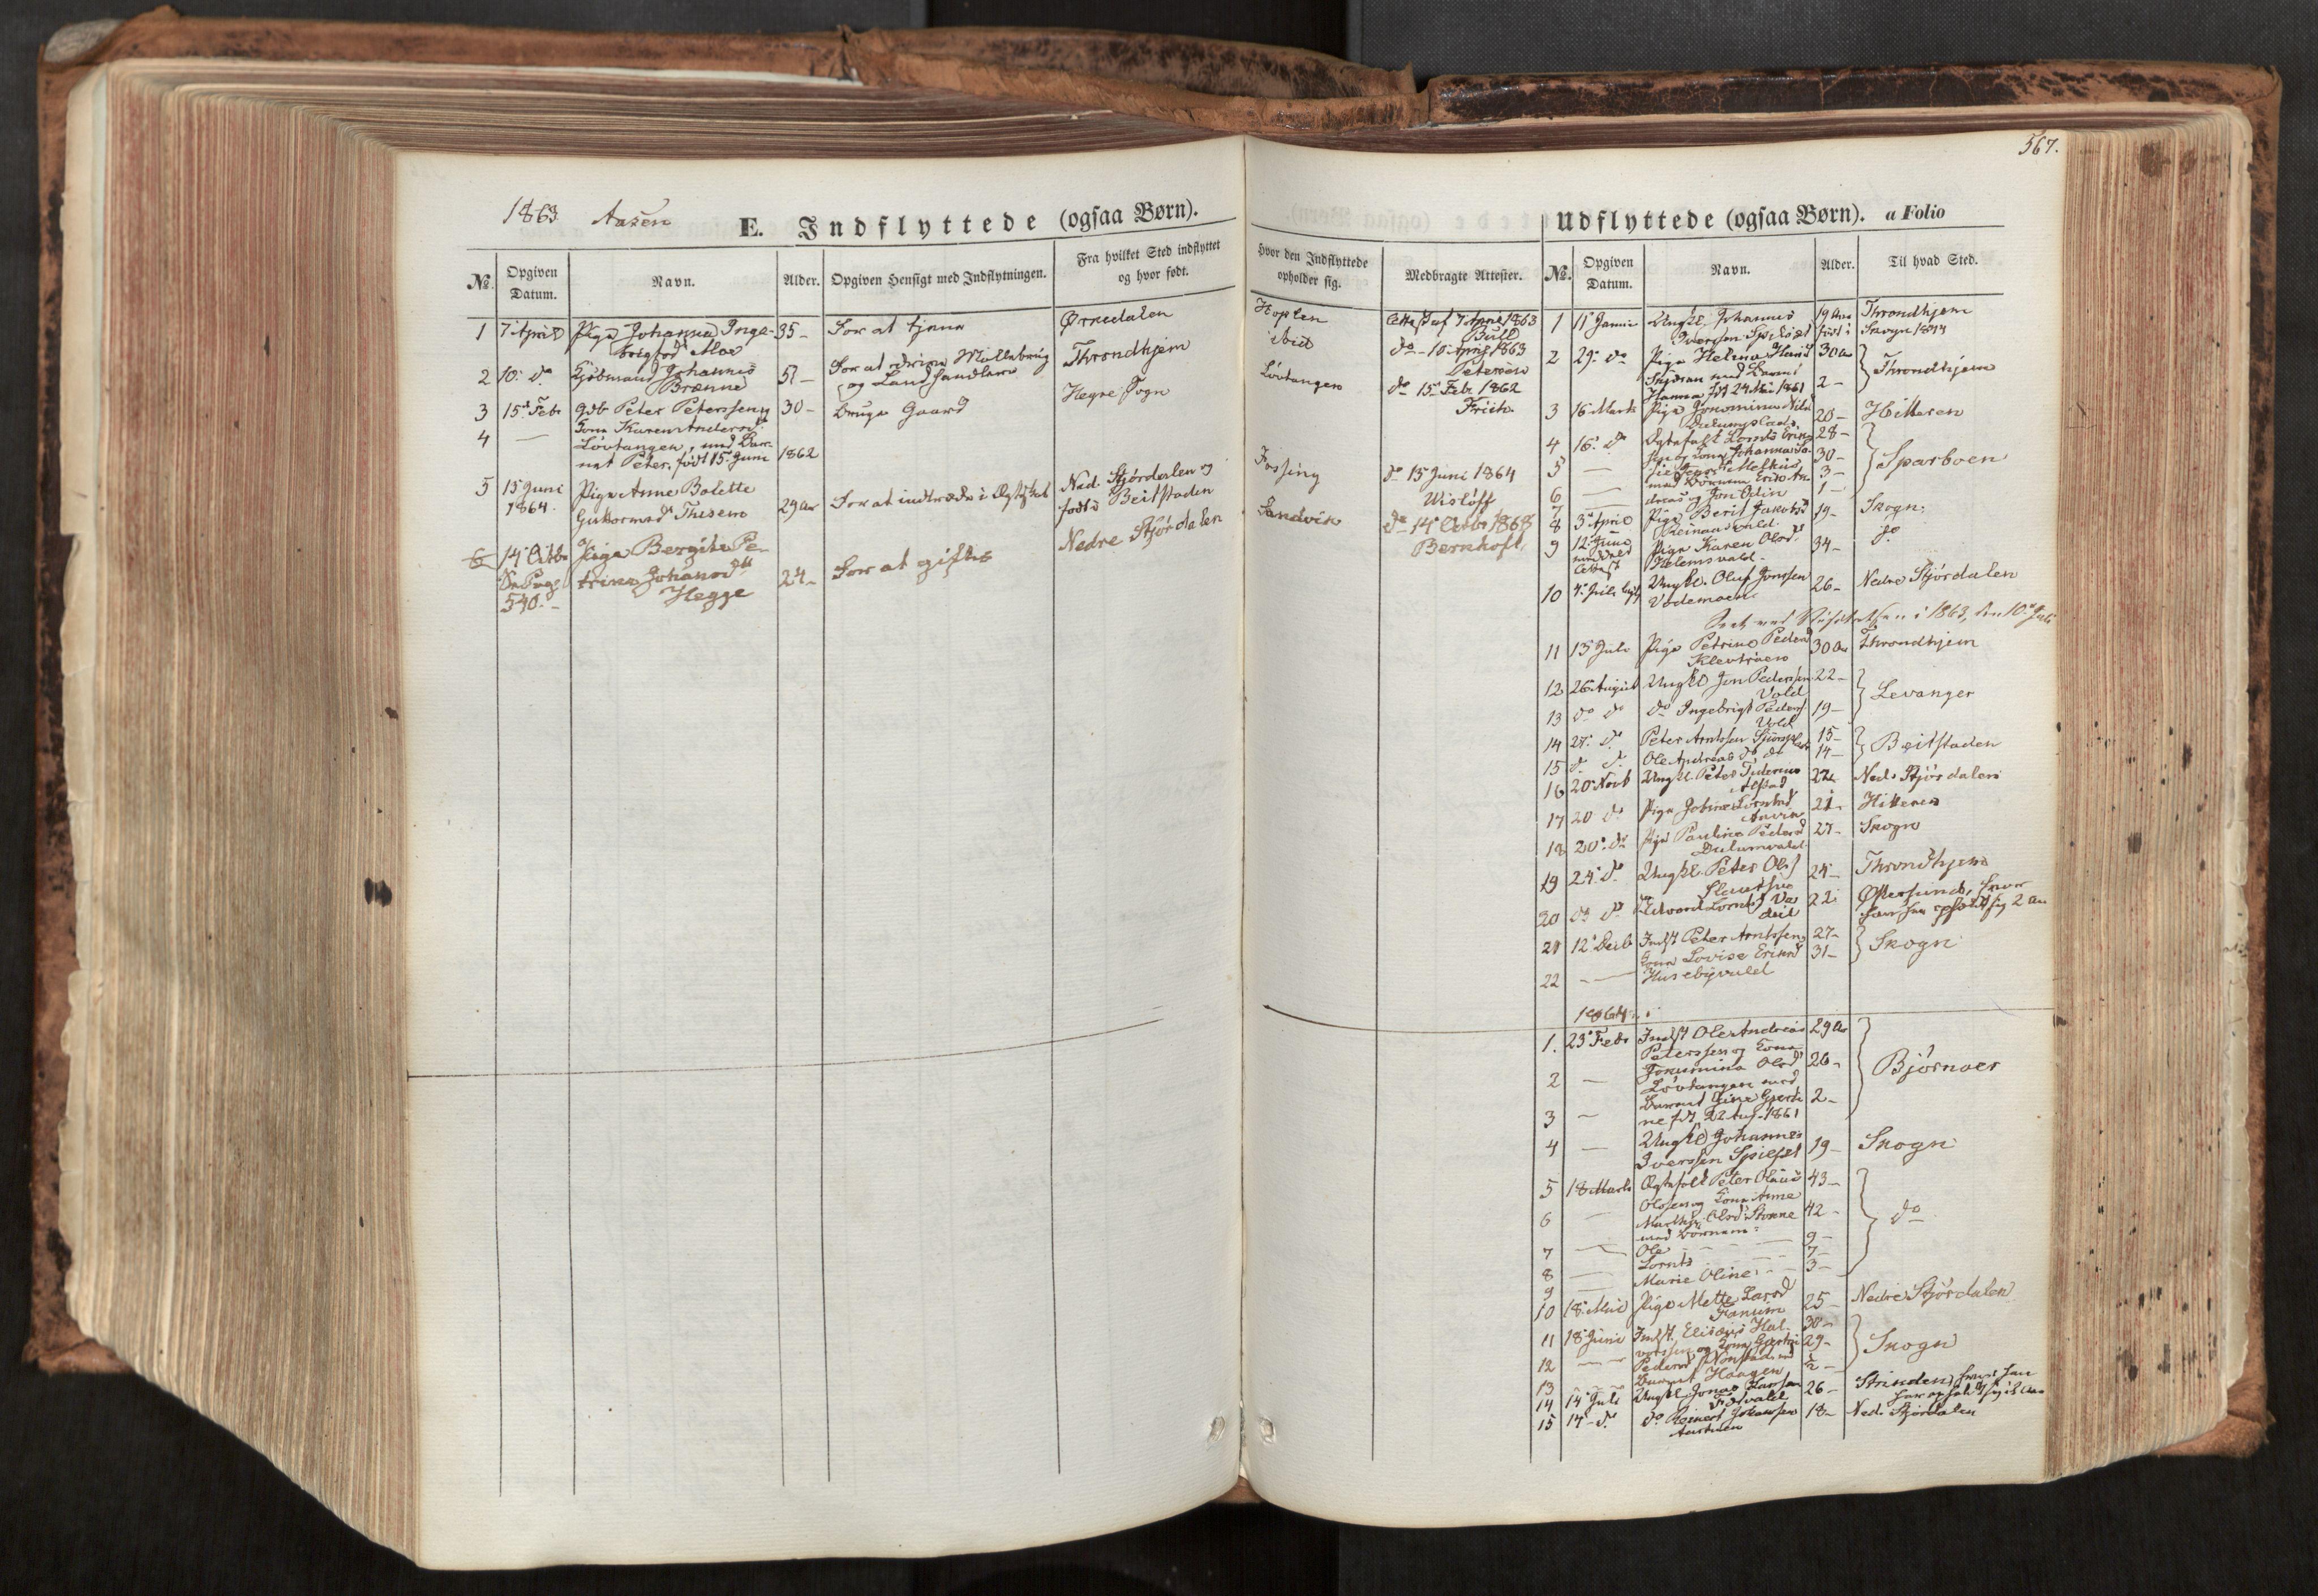 SAT, Ministerialprotokoller, klokkerbøker og fødselsregistre - Nord-Trøndelag, 713/L0116: Ministerialbok nr. 713A07, 1850-1877, s. 567